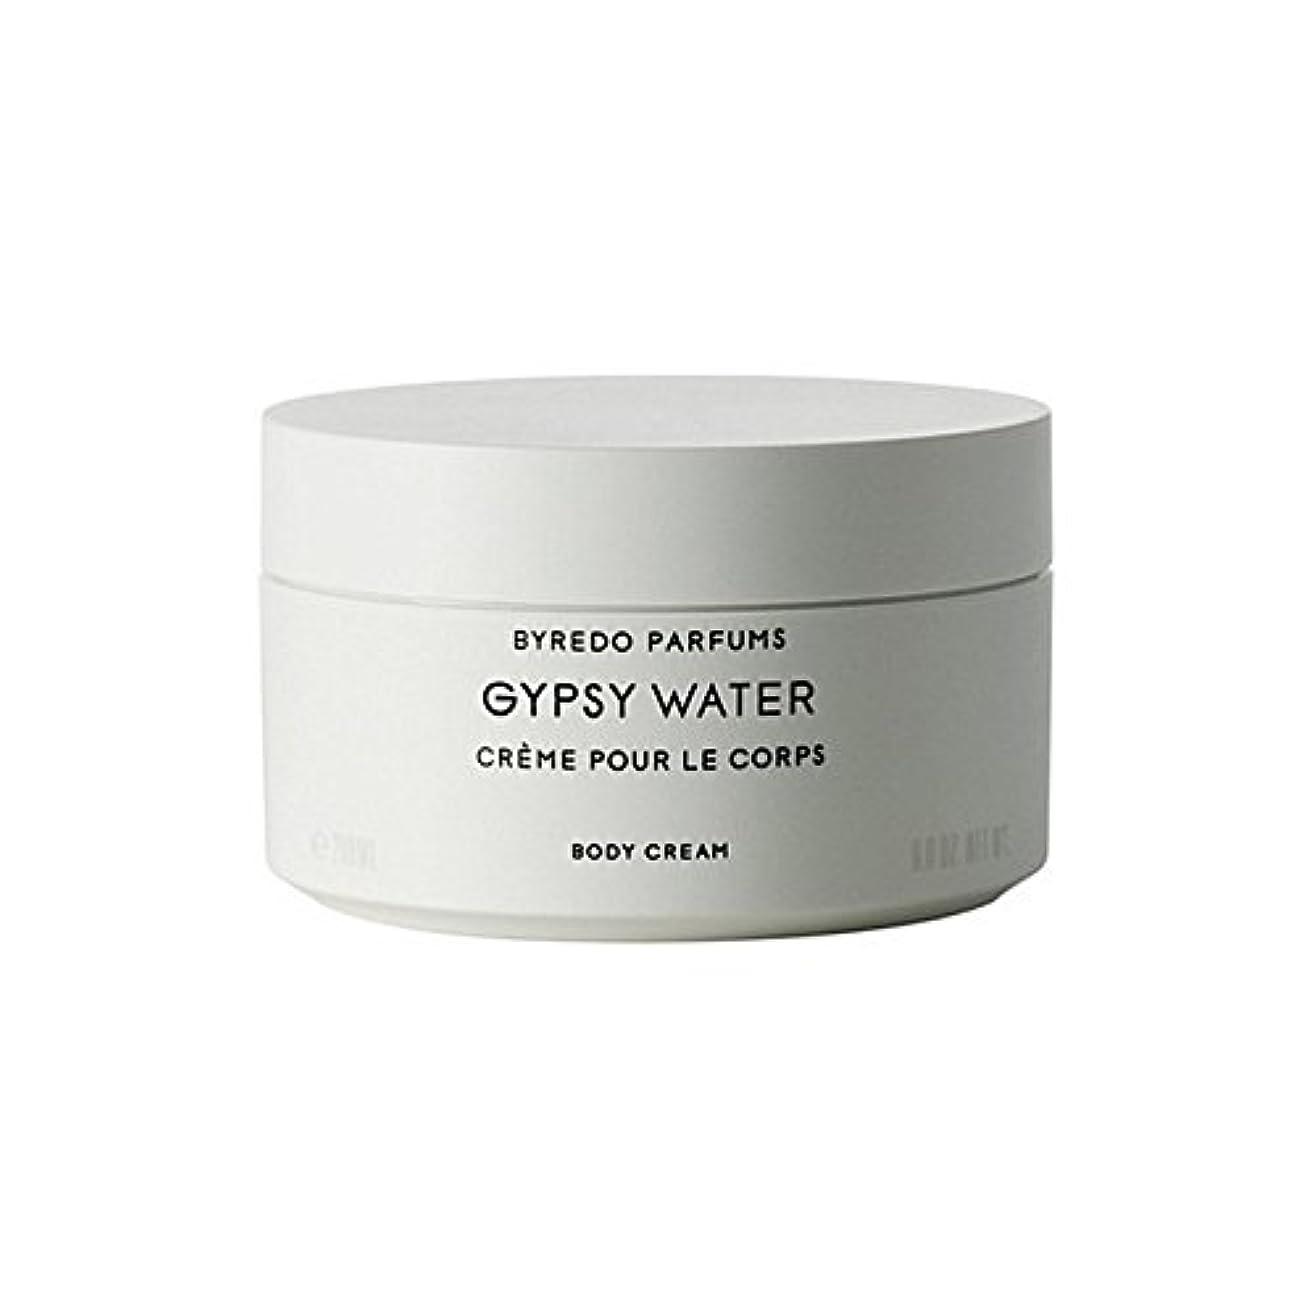 癒す逃げる味わうByredo Gypsy Water Body Cream 200ml - ジプシー水ボディクリーム200ミリリットル [並行輸入品]